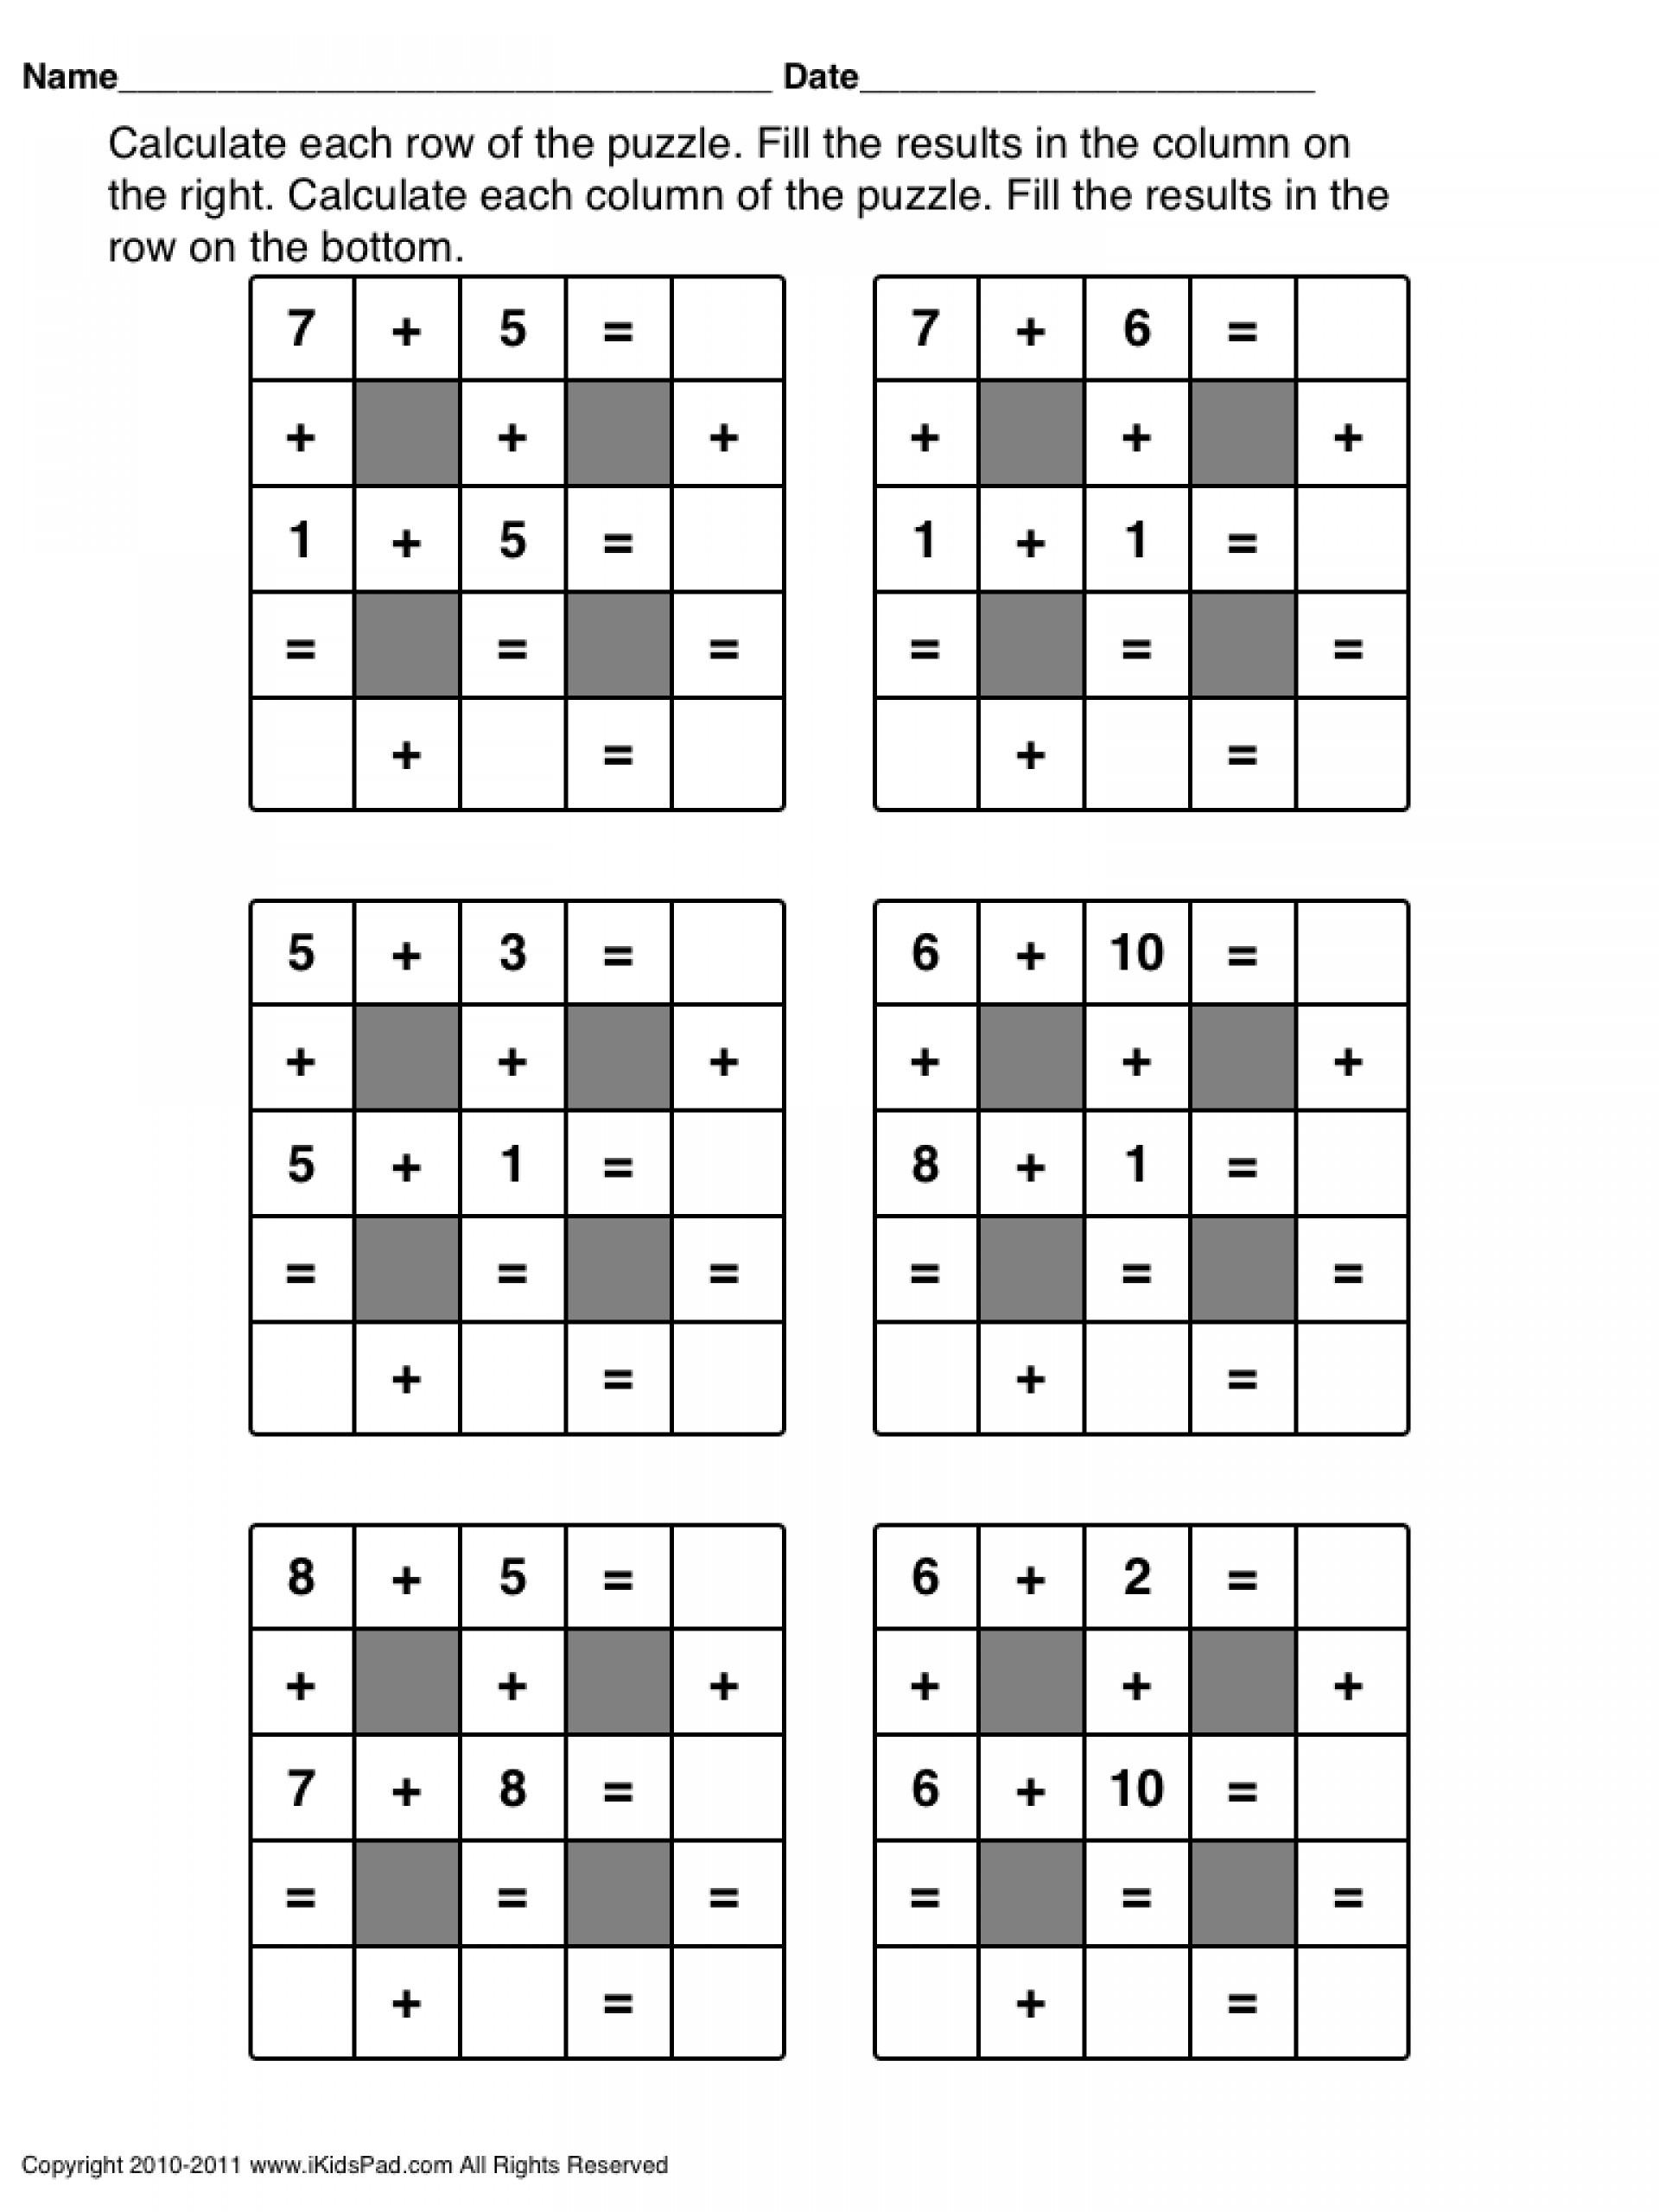 Free Printable Thanksgiving Math Worksheets For 3Rd Grade Turkey 1St | Free Printable Thanksgiving Math Worksheets For 3Rd Grade